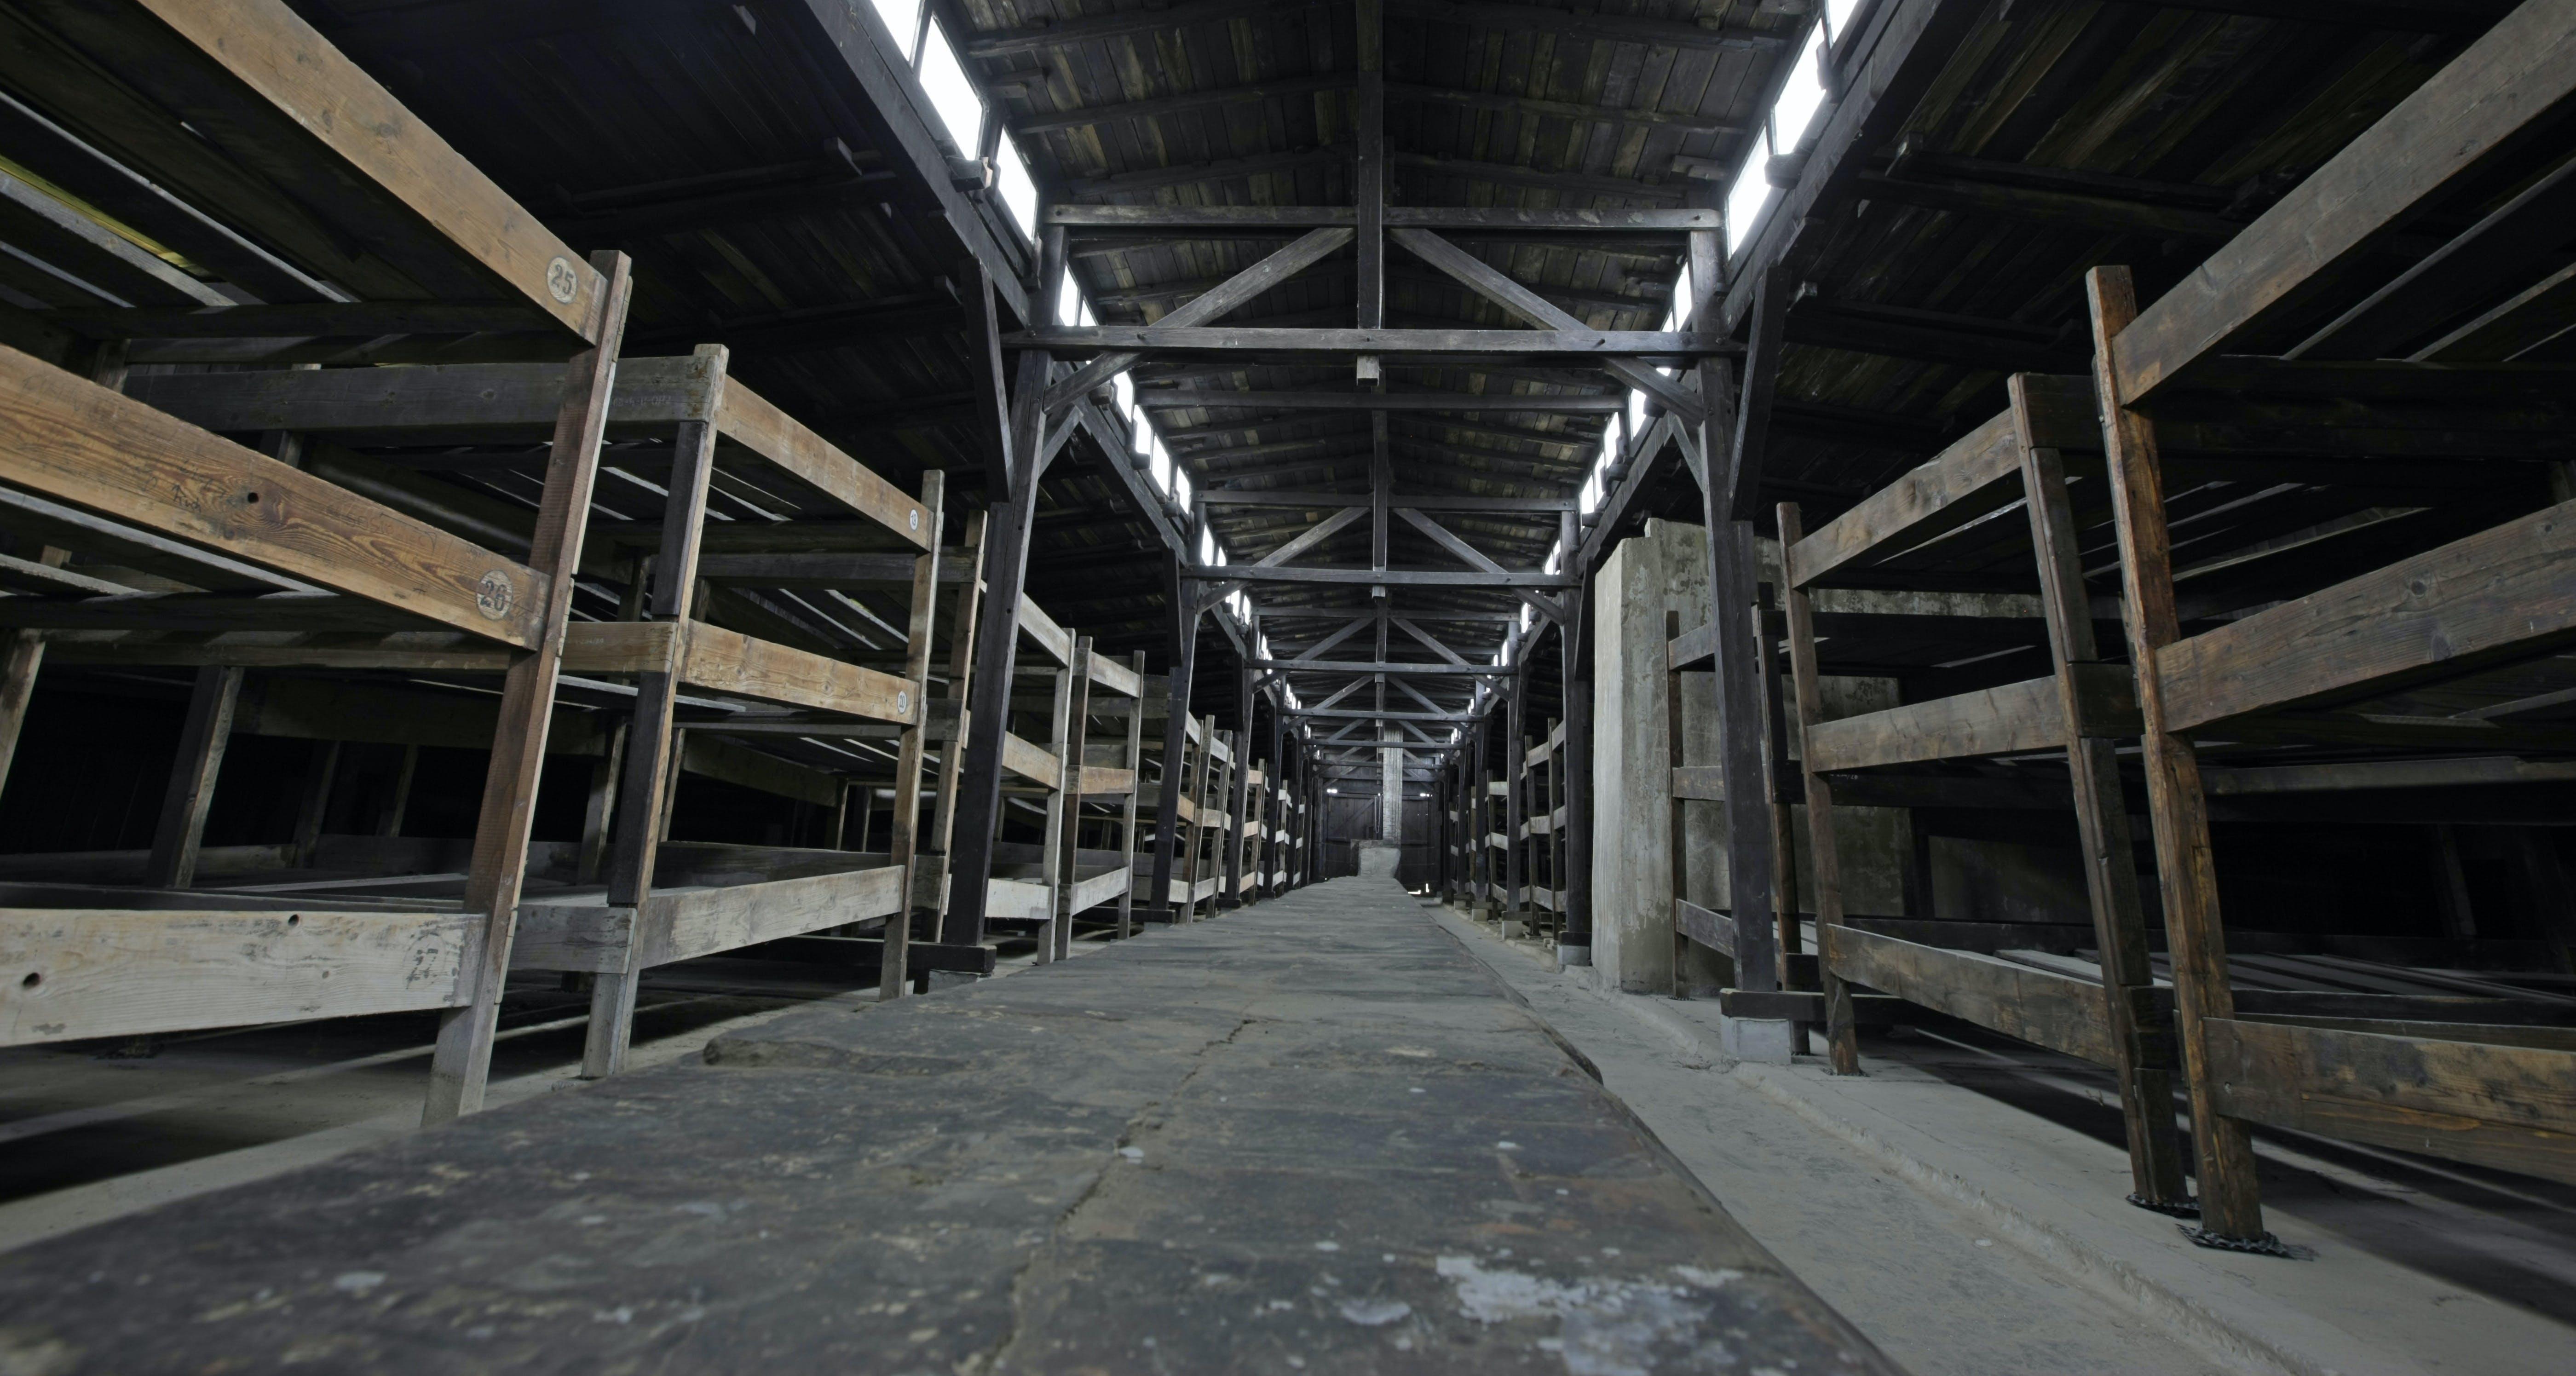 Salir de la ciudad,Excursions,Excursiones de un día,Full-day excursions,Campo de concentración de Auschwitz,Auschwitz Birkenau Museum and Memorial ,Con Fábrica de Oskar Schindler,Fábrica de Oskar Schindler